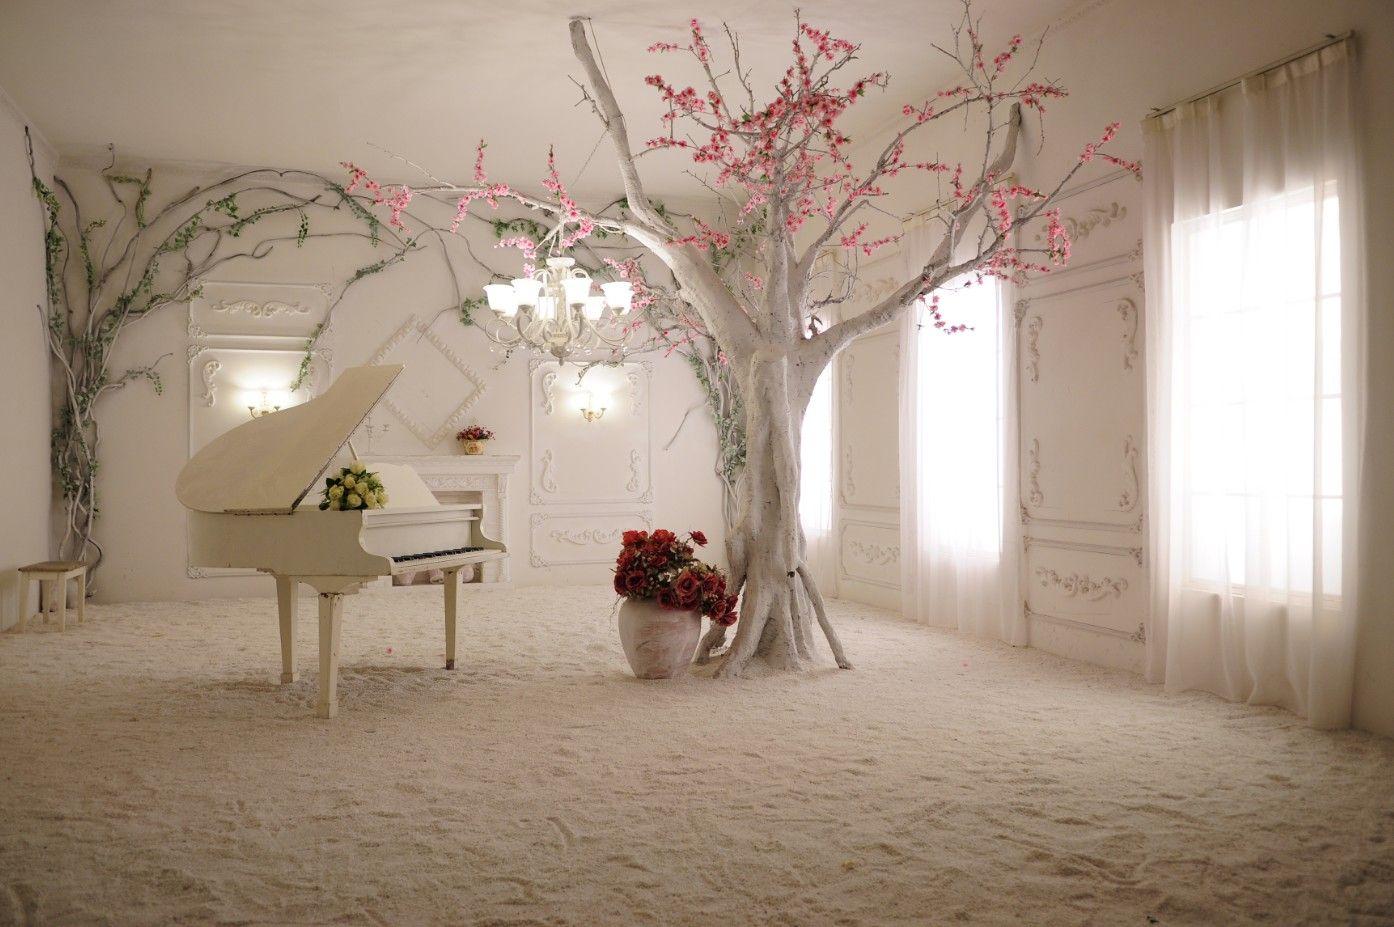 Nuevo Custom grandes murales papel tapiz de tela pared 3d sala de estar dormitorio Espacio moda TV sofá fondo Efecto visual estéreo piano romántico